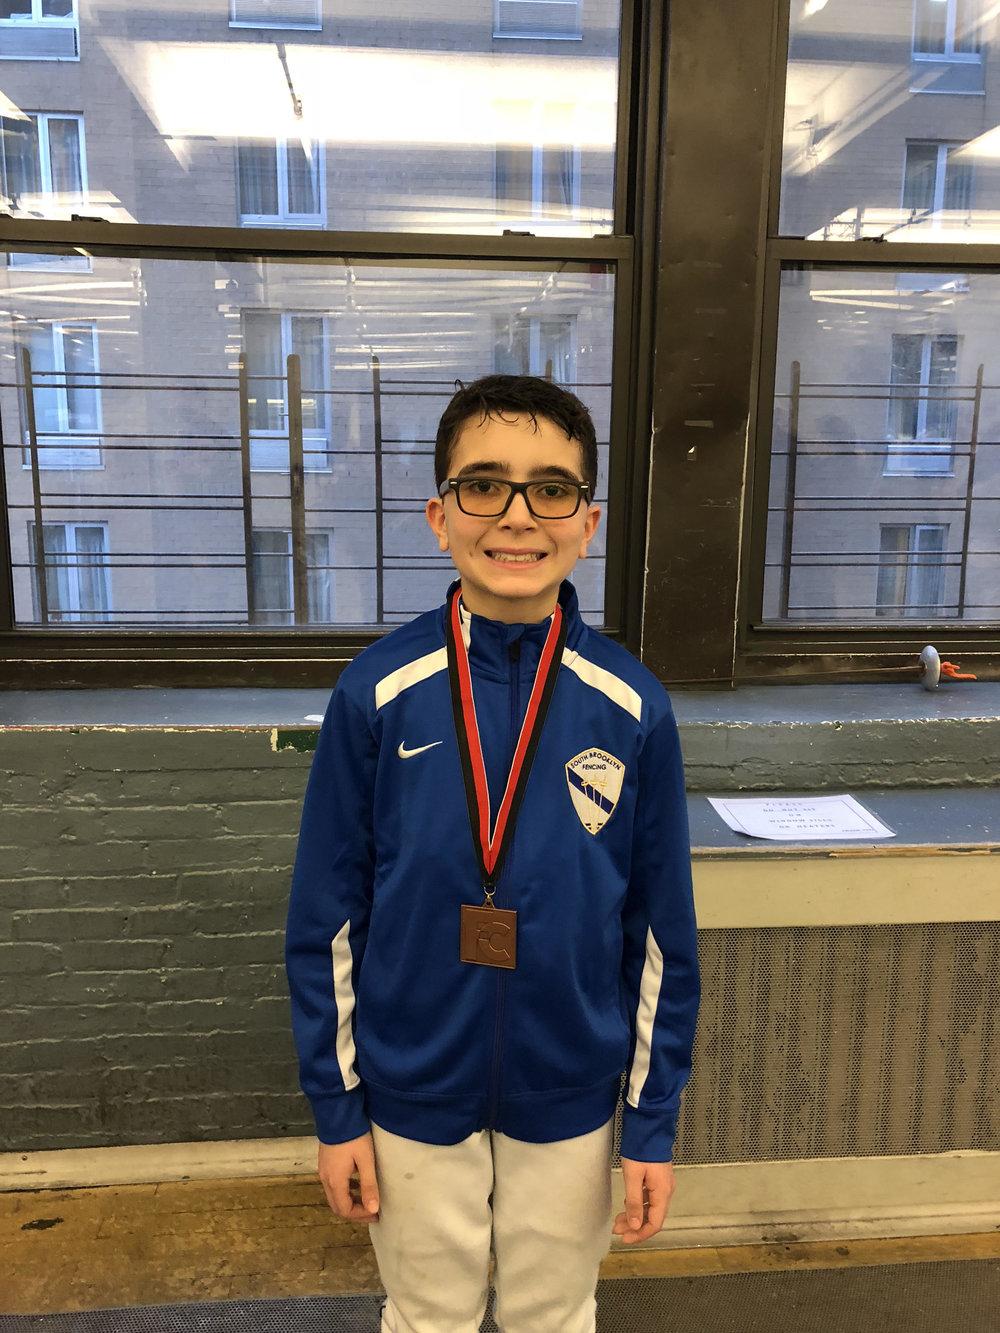 Fencers Club YOUTH Y12 Sebastian Garcia 3rd place   February 24th 2019